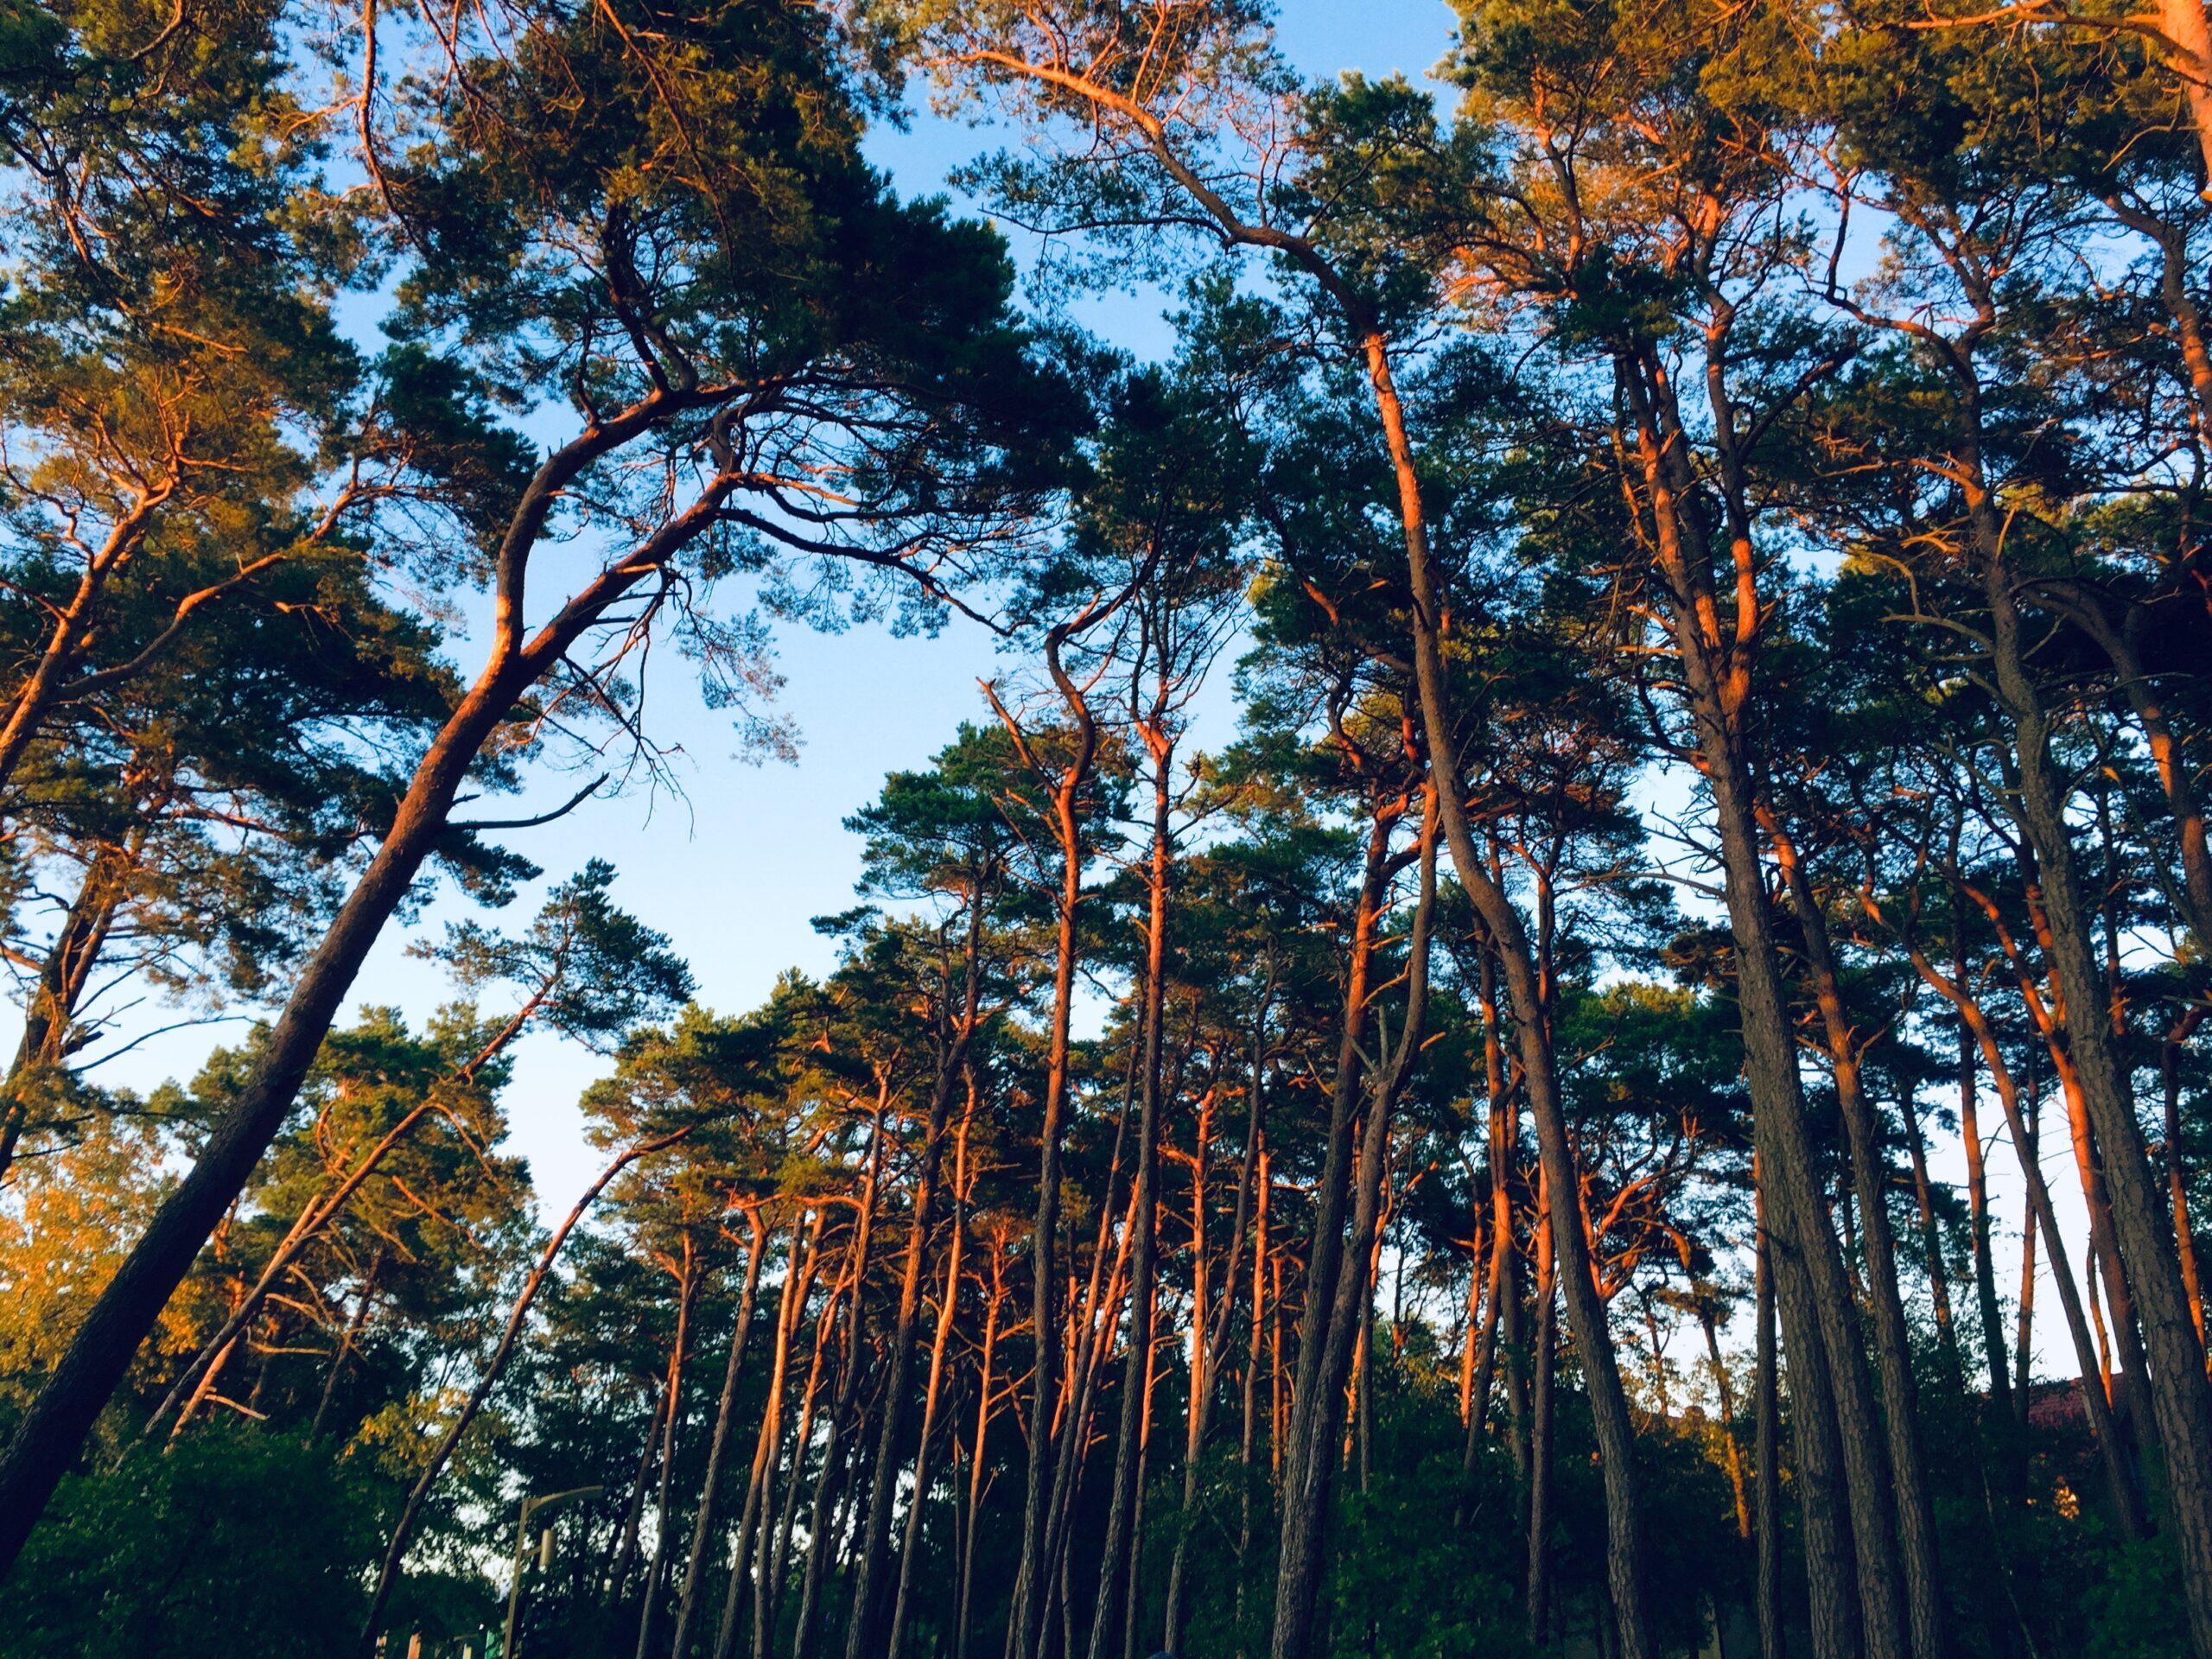 """Wyróżnienie, kategoria wiekowa 16-20 lat, podkategoria przyrodnicze zdjęcie krajobrazowe - Wiktoria Góźdź """"Płuca Ziemi"""""""